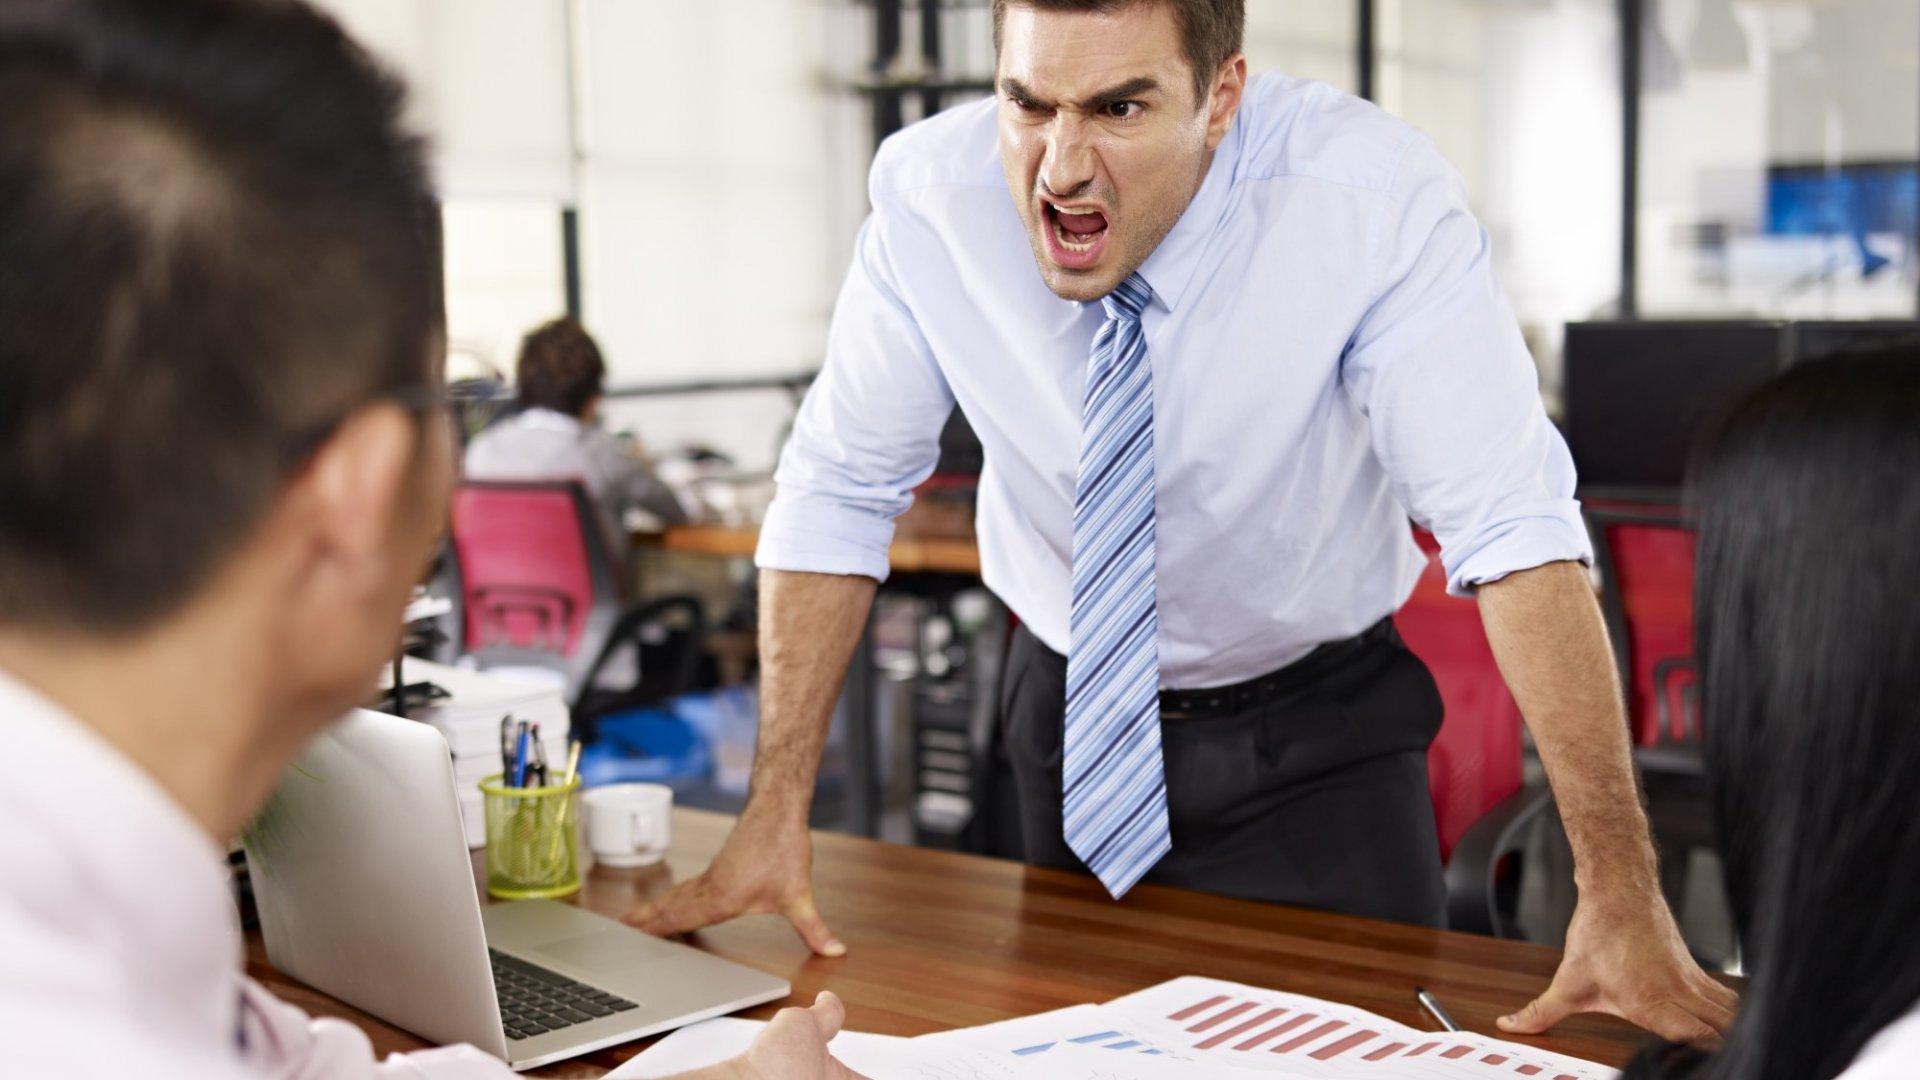 5 Ways Bad Bosses Demotivate People